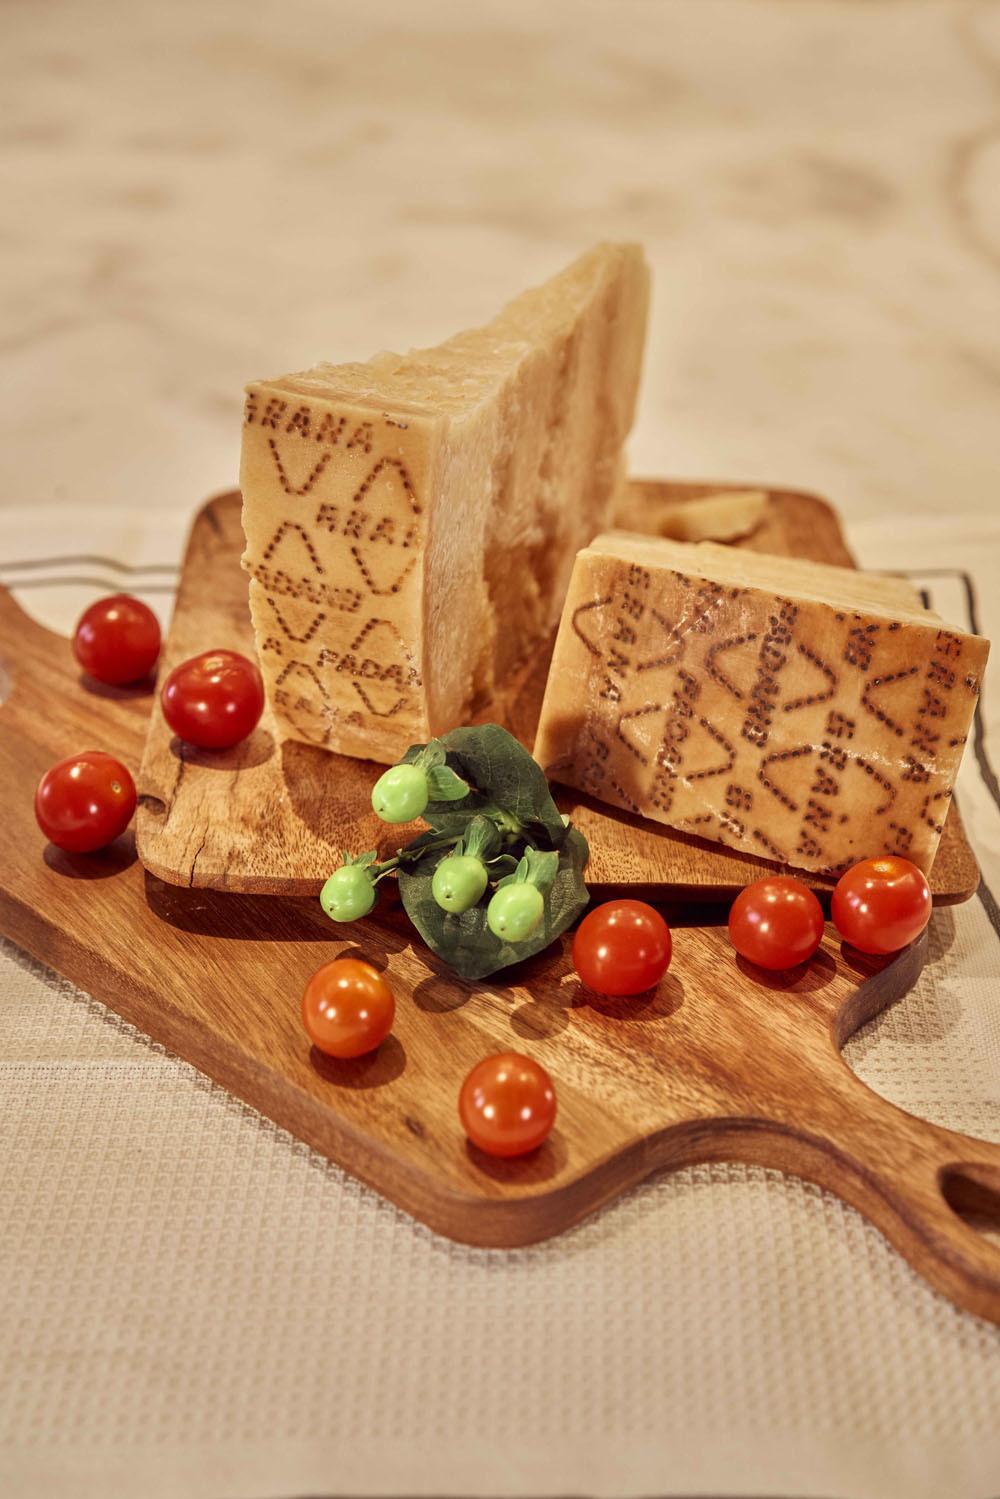 El queso Grana Padano, patrimonio gastronómico de Italia desde hace casi 1.000 años, posee características nutricionales que lo diferencian del resto, como proteínas de calidad, vitaminas y sales minerales.  Créditos: mantel y tabla de madera de Zara Home.